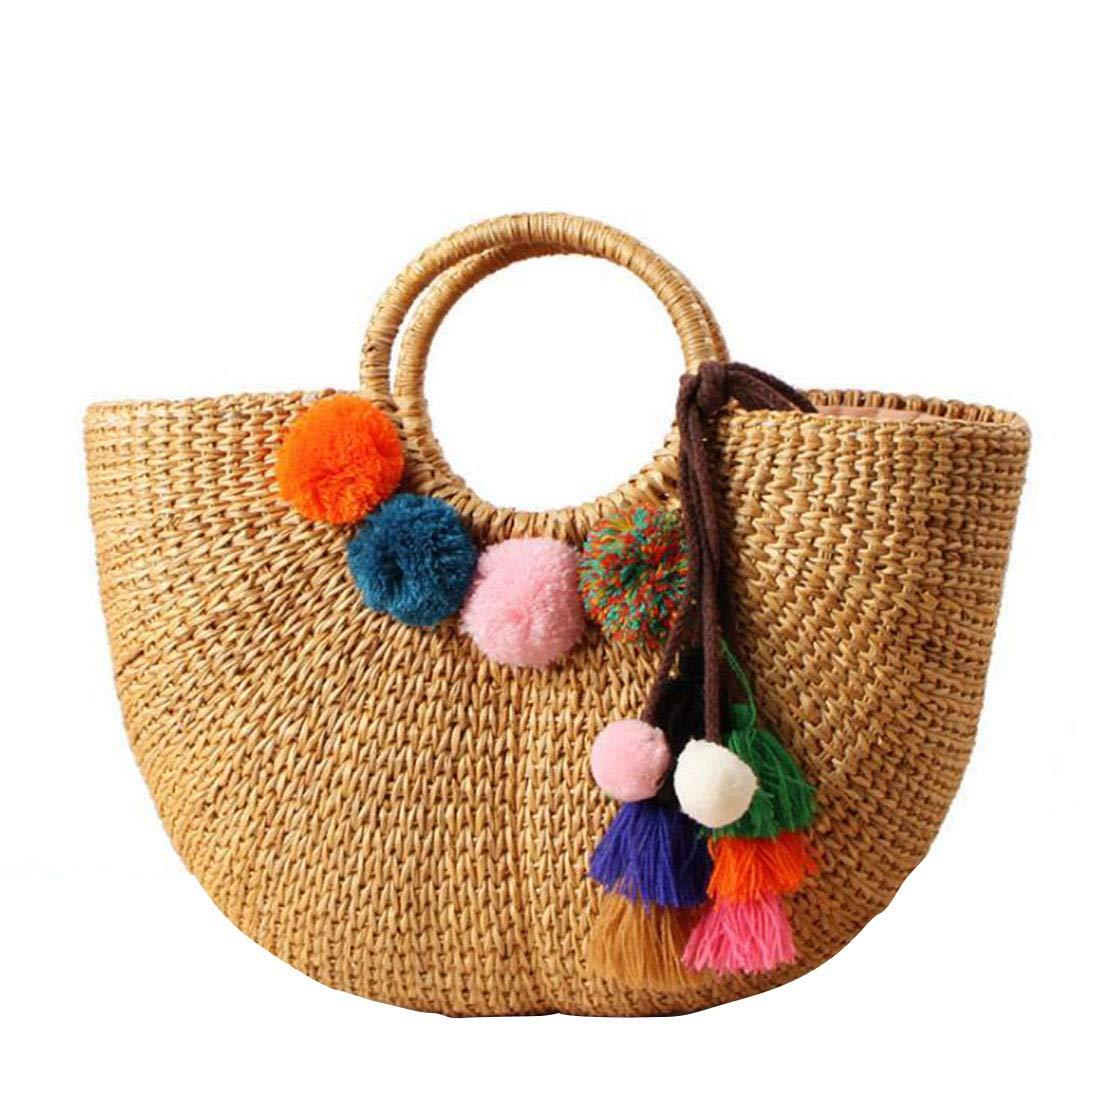 Uzanesx Woven Rattan Handtasche gewebt Rattan Handtasche Stroh Tasche Damen Geldbörse (Farbe : 2)